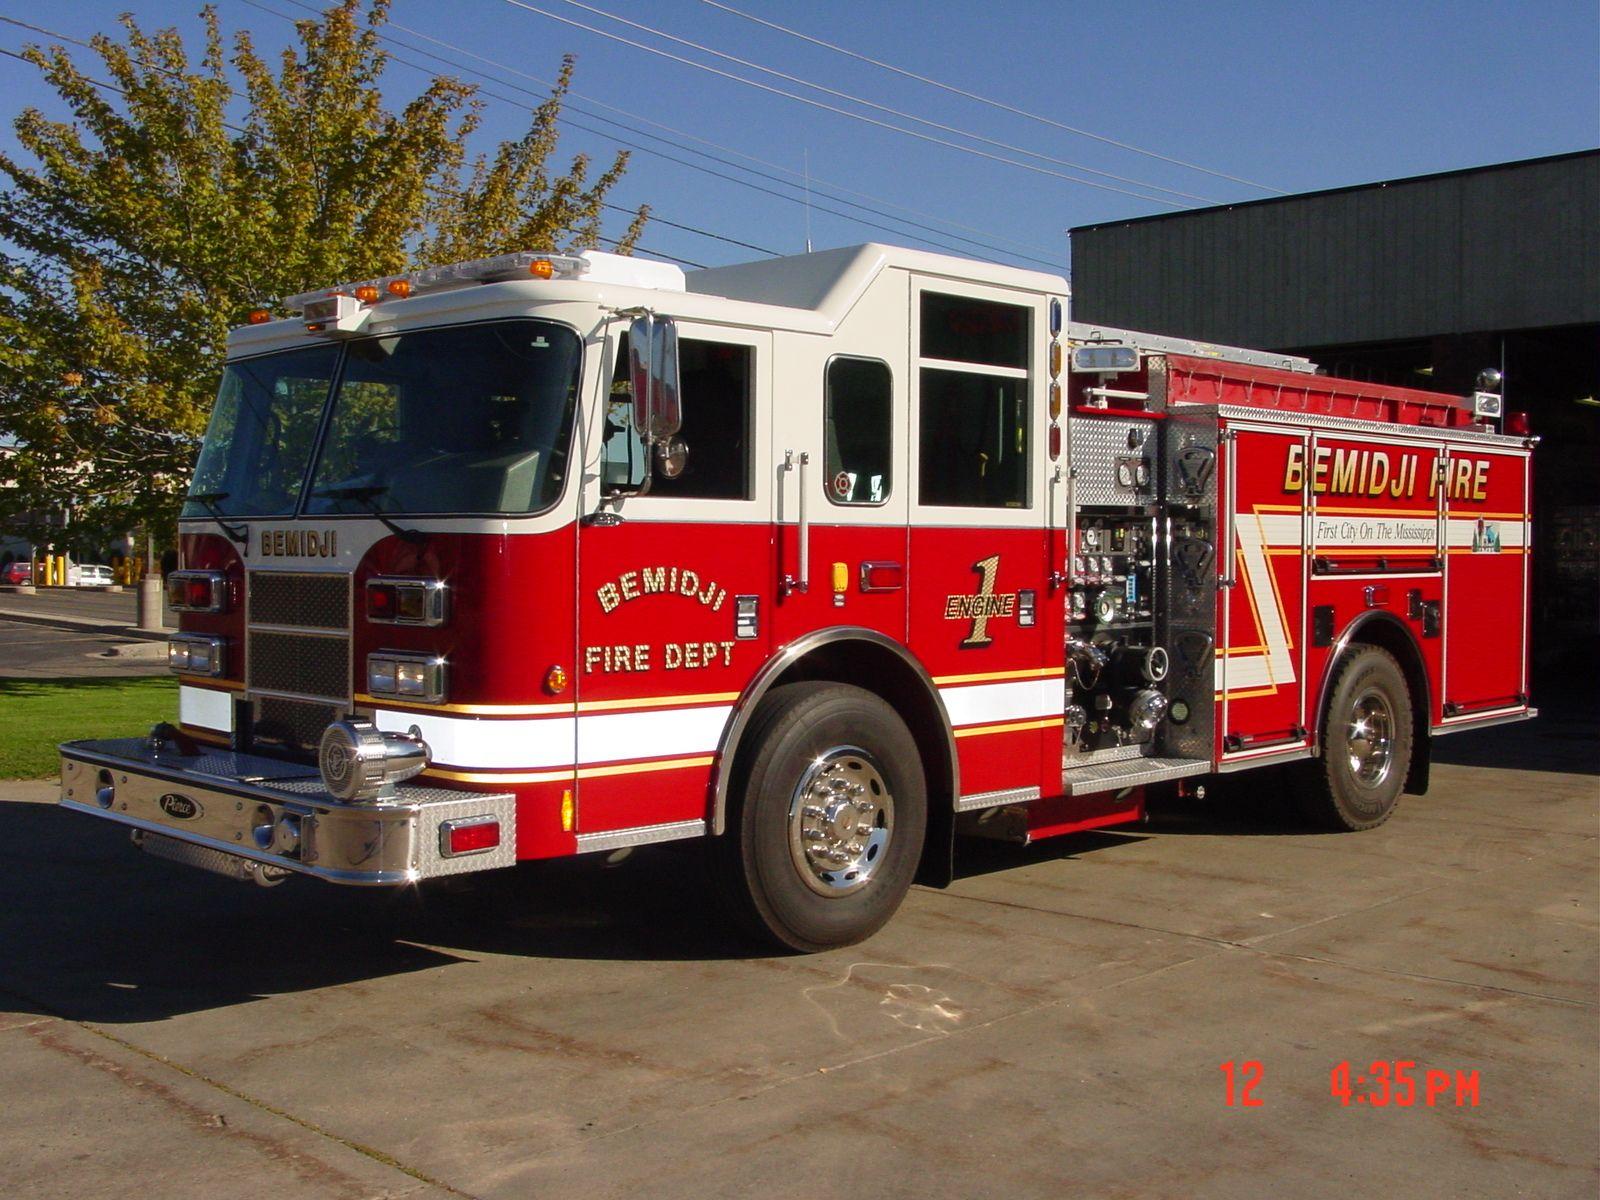 Bemidji Fire Department Mn Engine 1 Fire Trucks Fire Department Emergency Vehicles